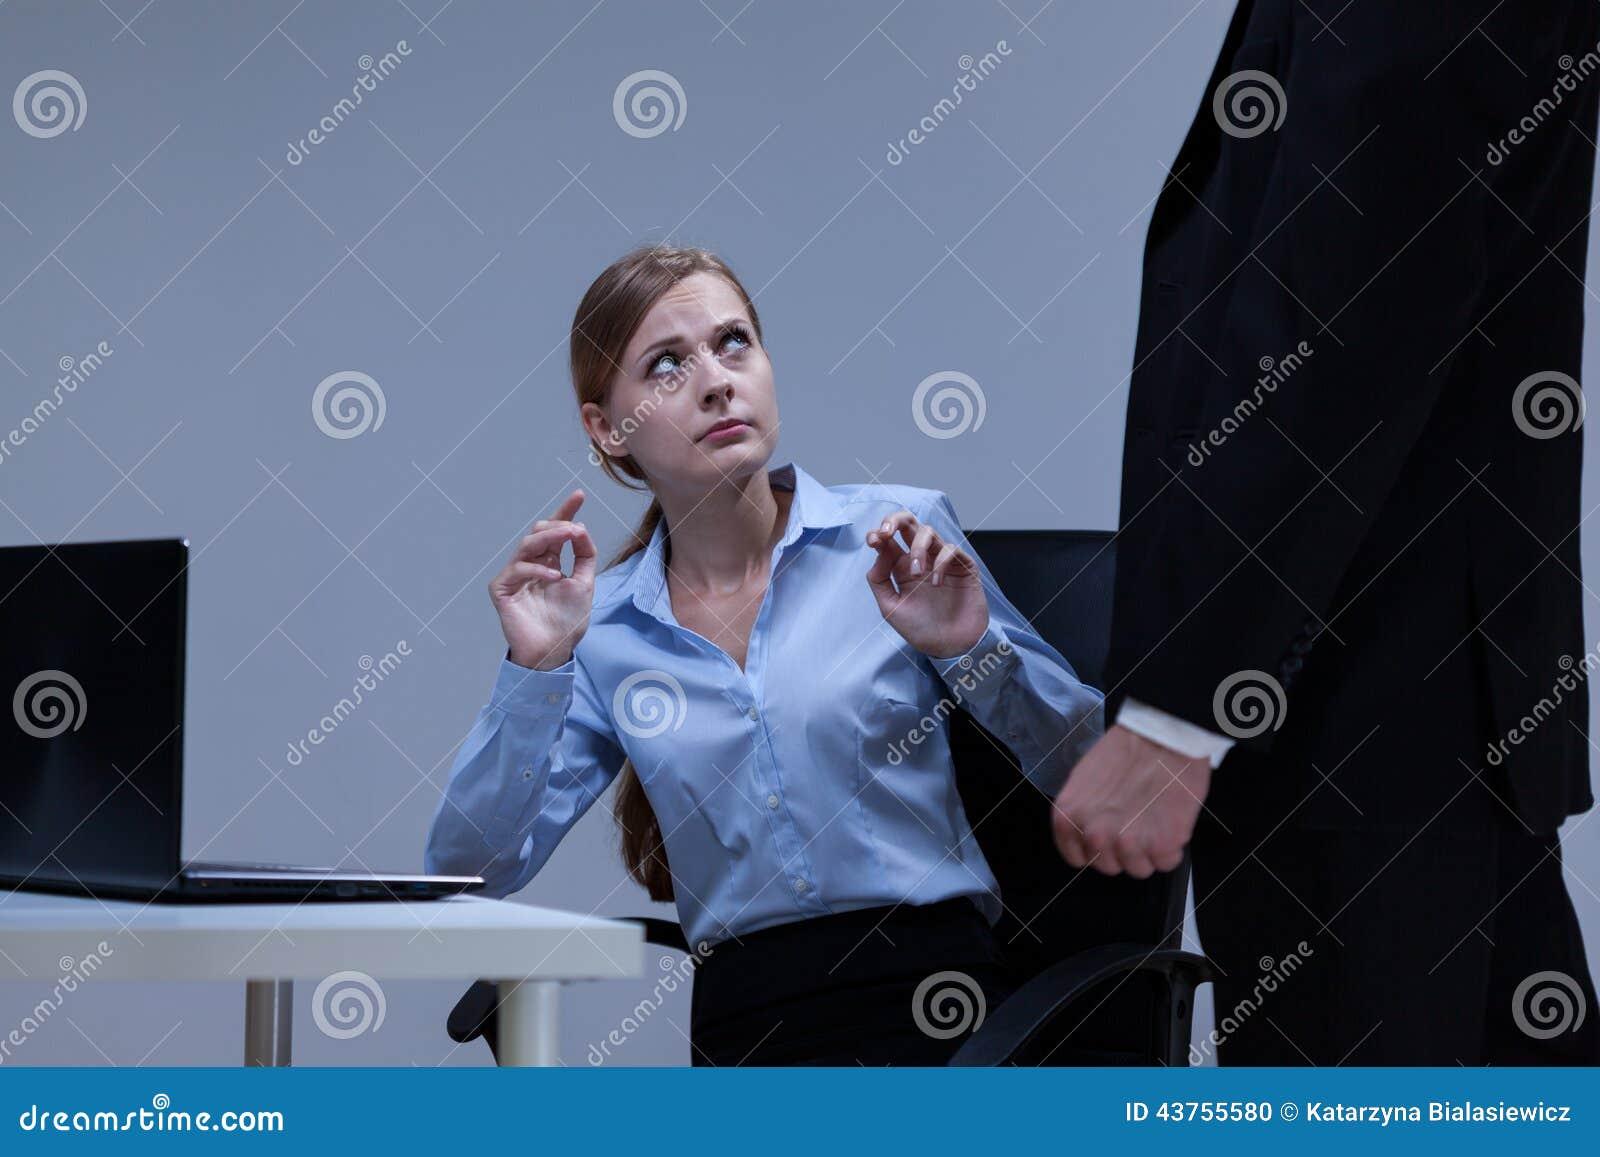 Frau hat angst vor treffen